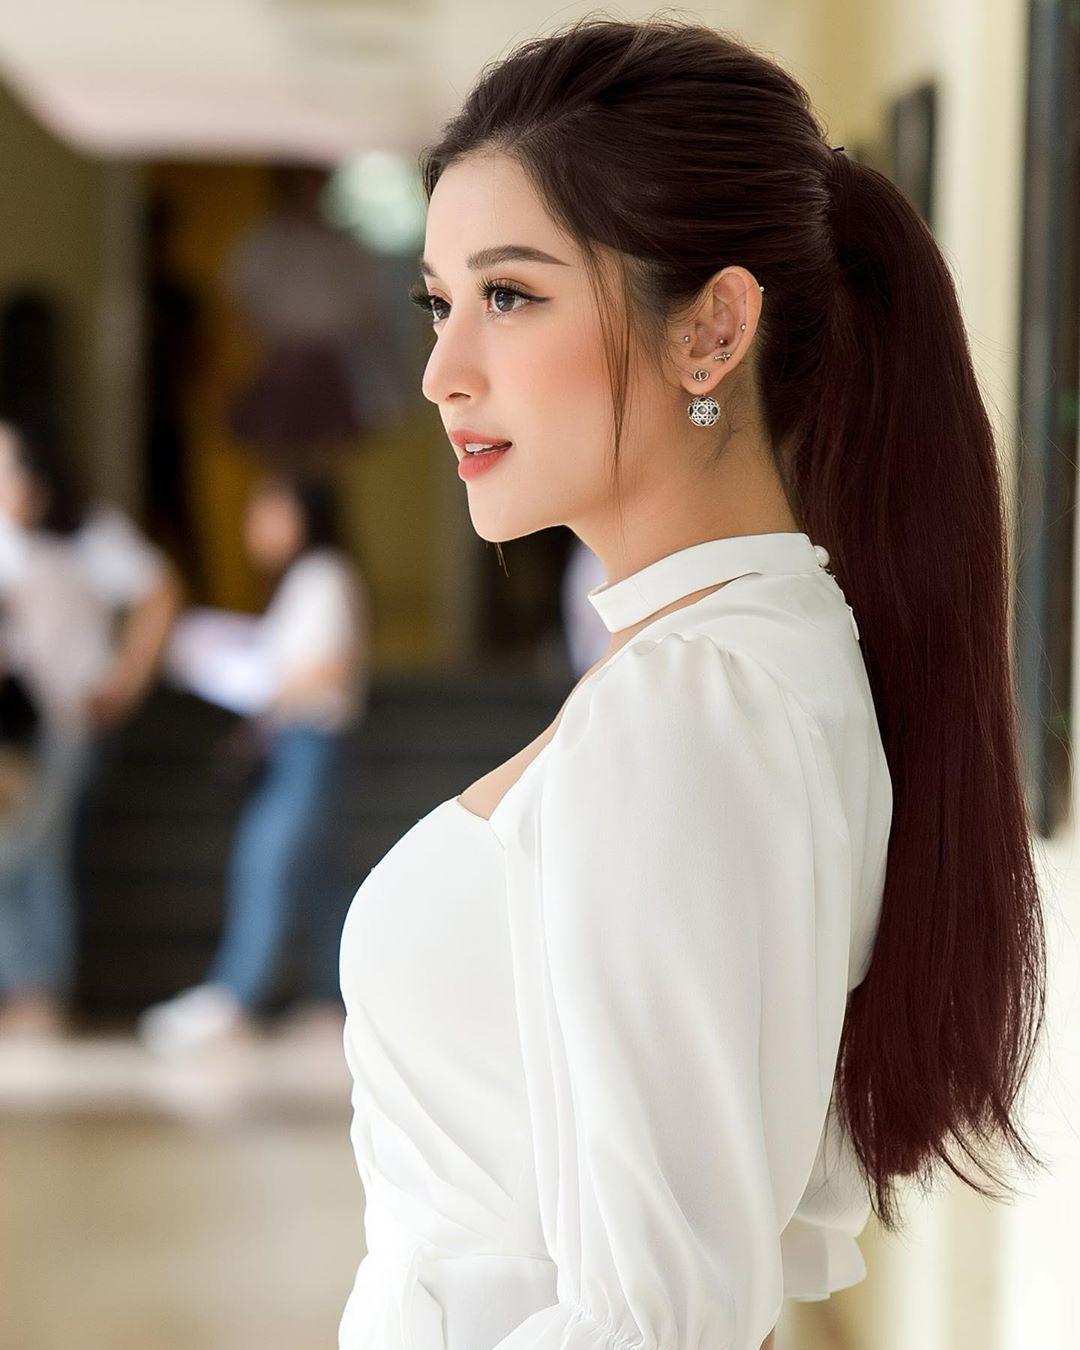 Diện váy đơn sắc: Phương Khánh hóa quý cô đài các - Tiểu Vy xinh đẹp hết phần thiên hạ Ảnh 8